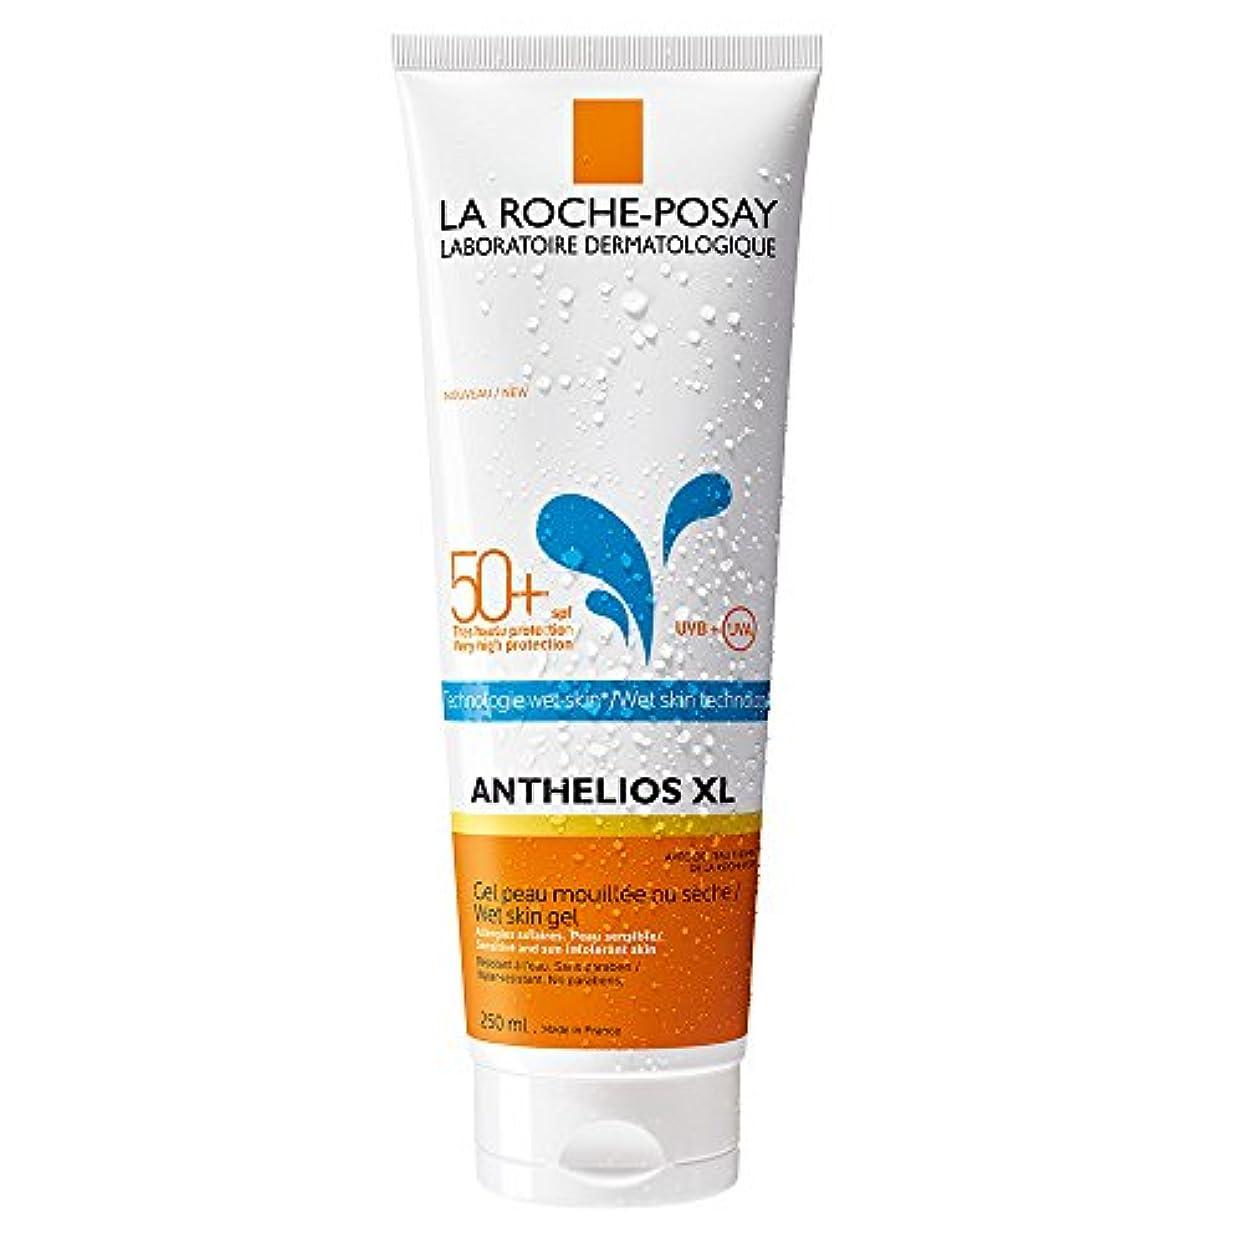 今後邪悪な手荷物La Roche-Posay(ラロッシュポゼ) 【濡れた肌にも使える日やけ止めジェルクリーム】アンテリオス XL ウェットスキン SPF50+/PA++++ 250mL <フェイス?ボディ用>